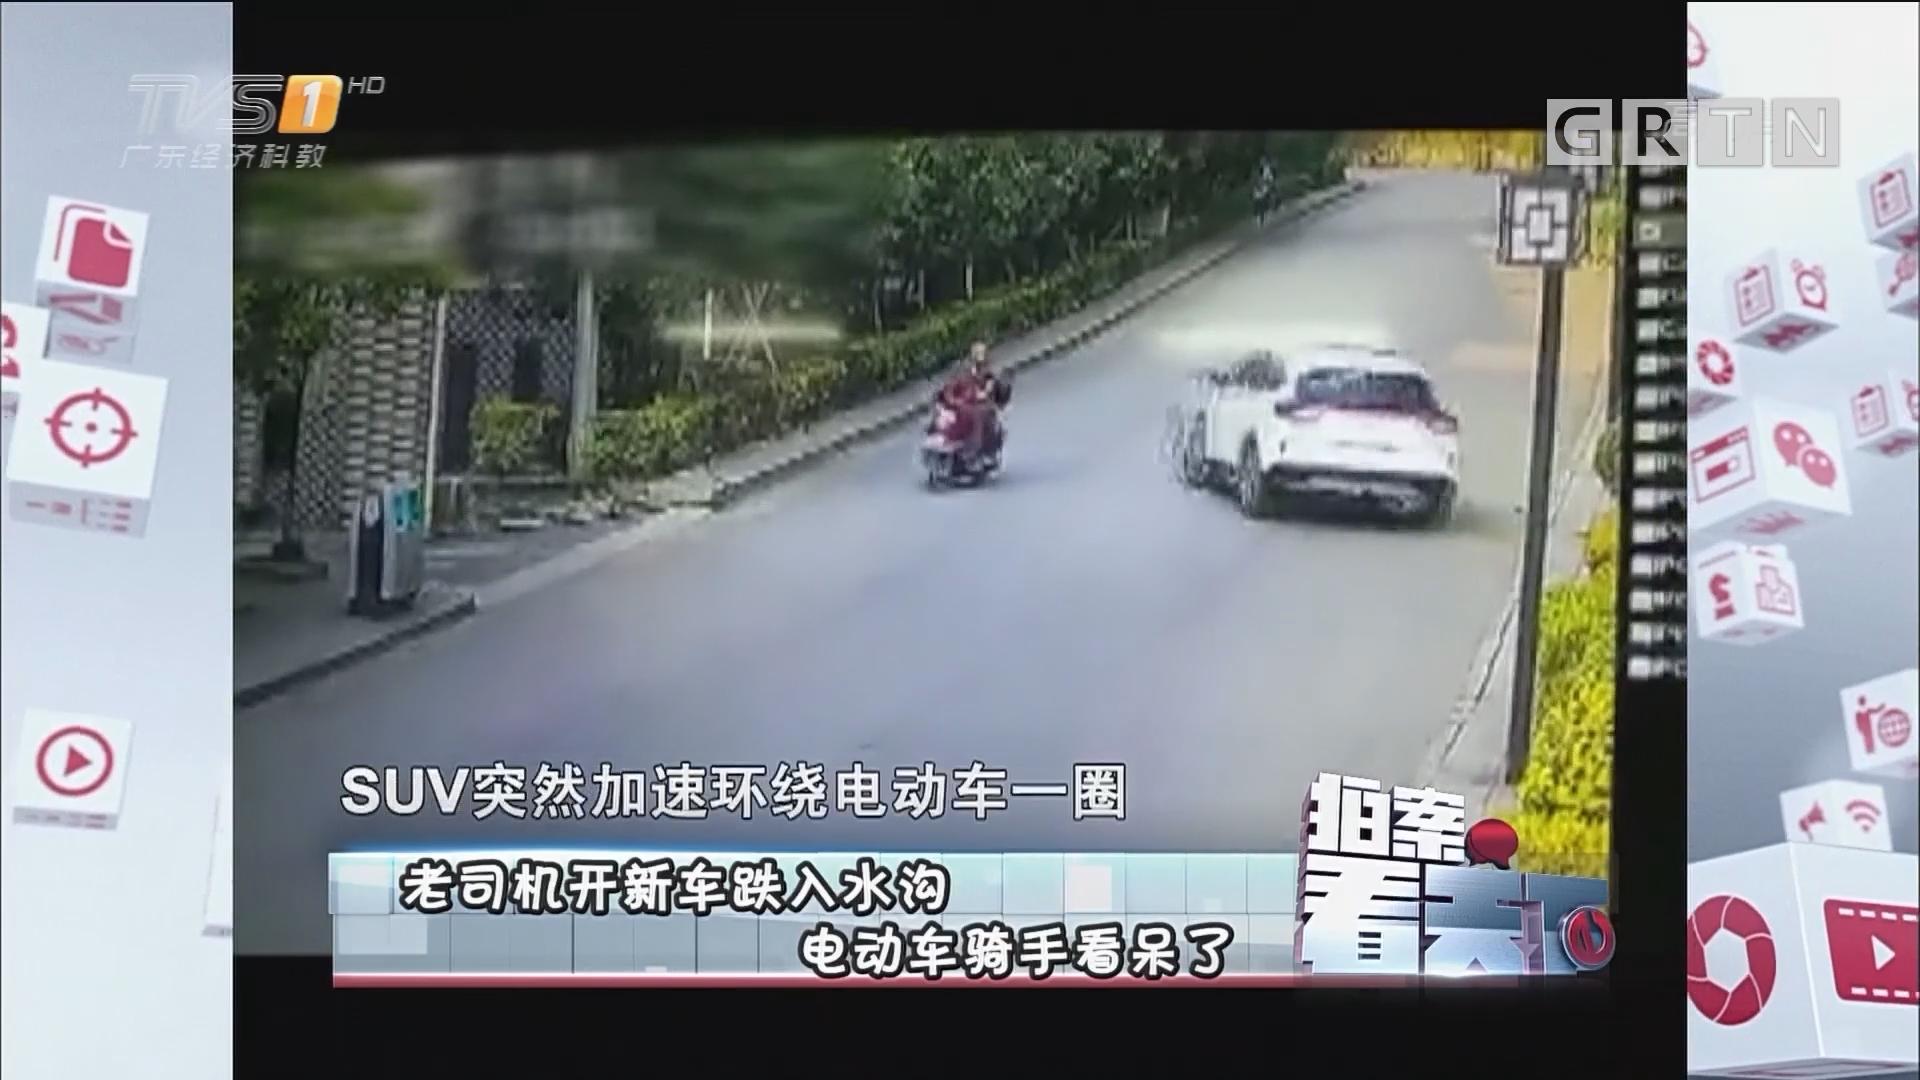 [HD][2017-08-07]拍案看天下:老司机开新车跌入水沟 电动车骑手看呆了